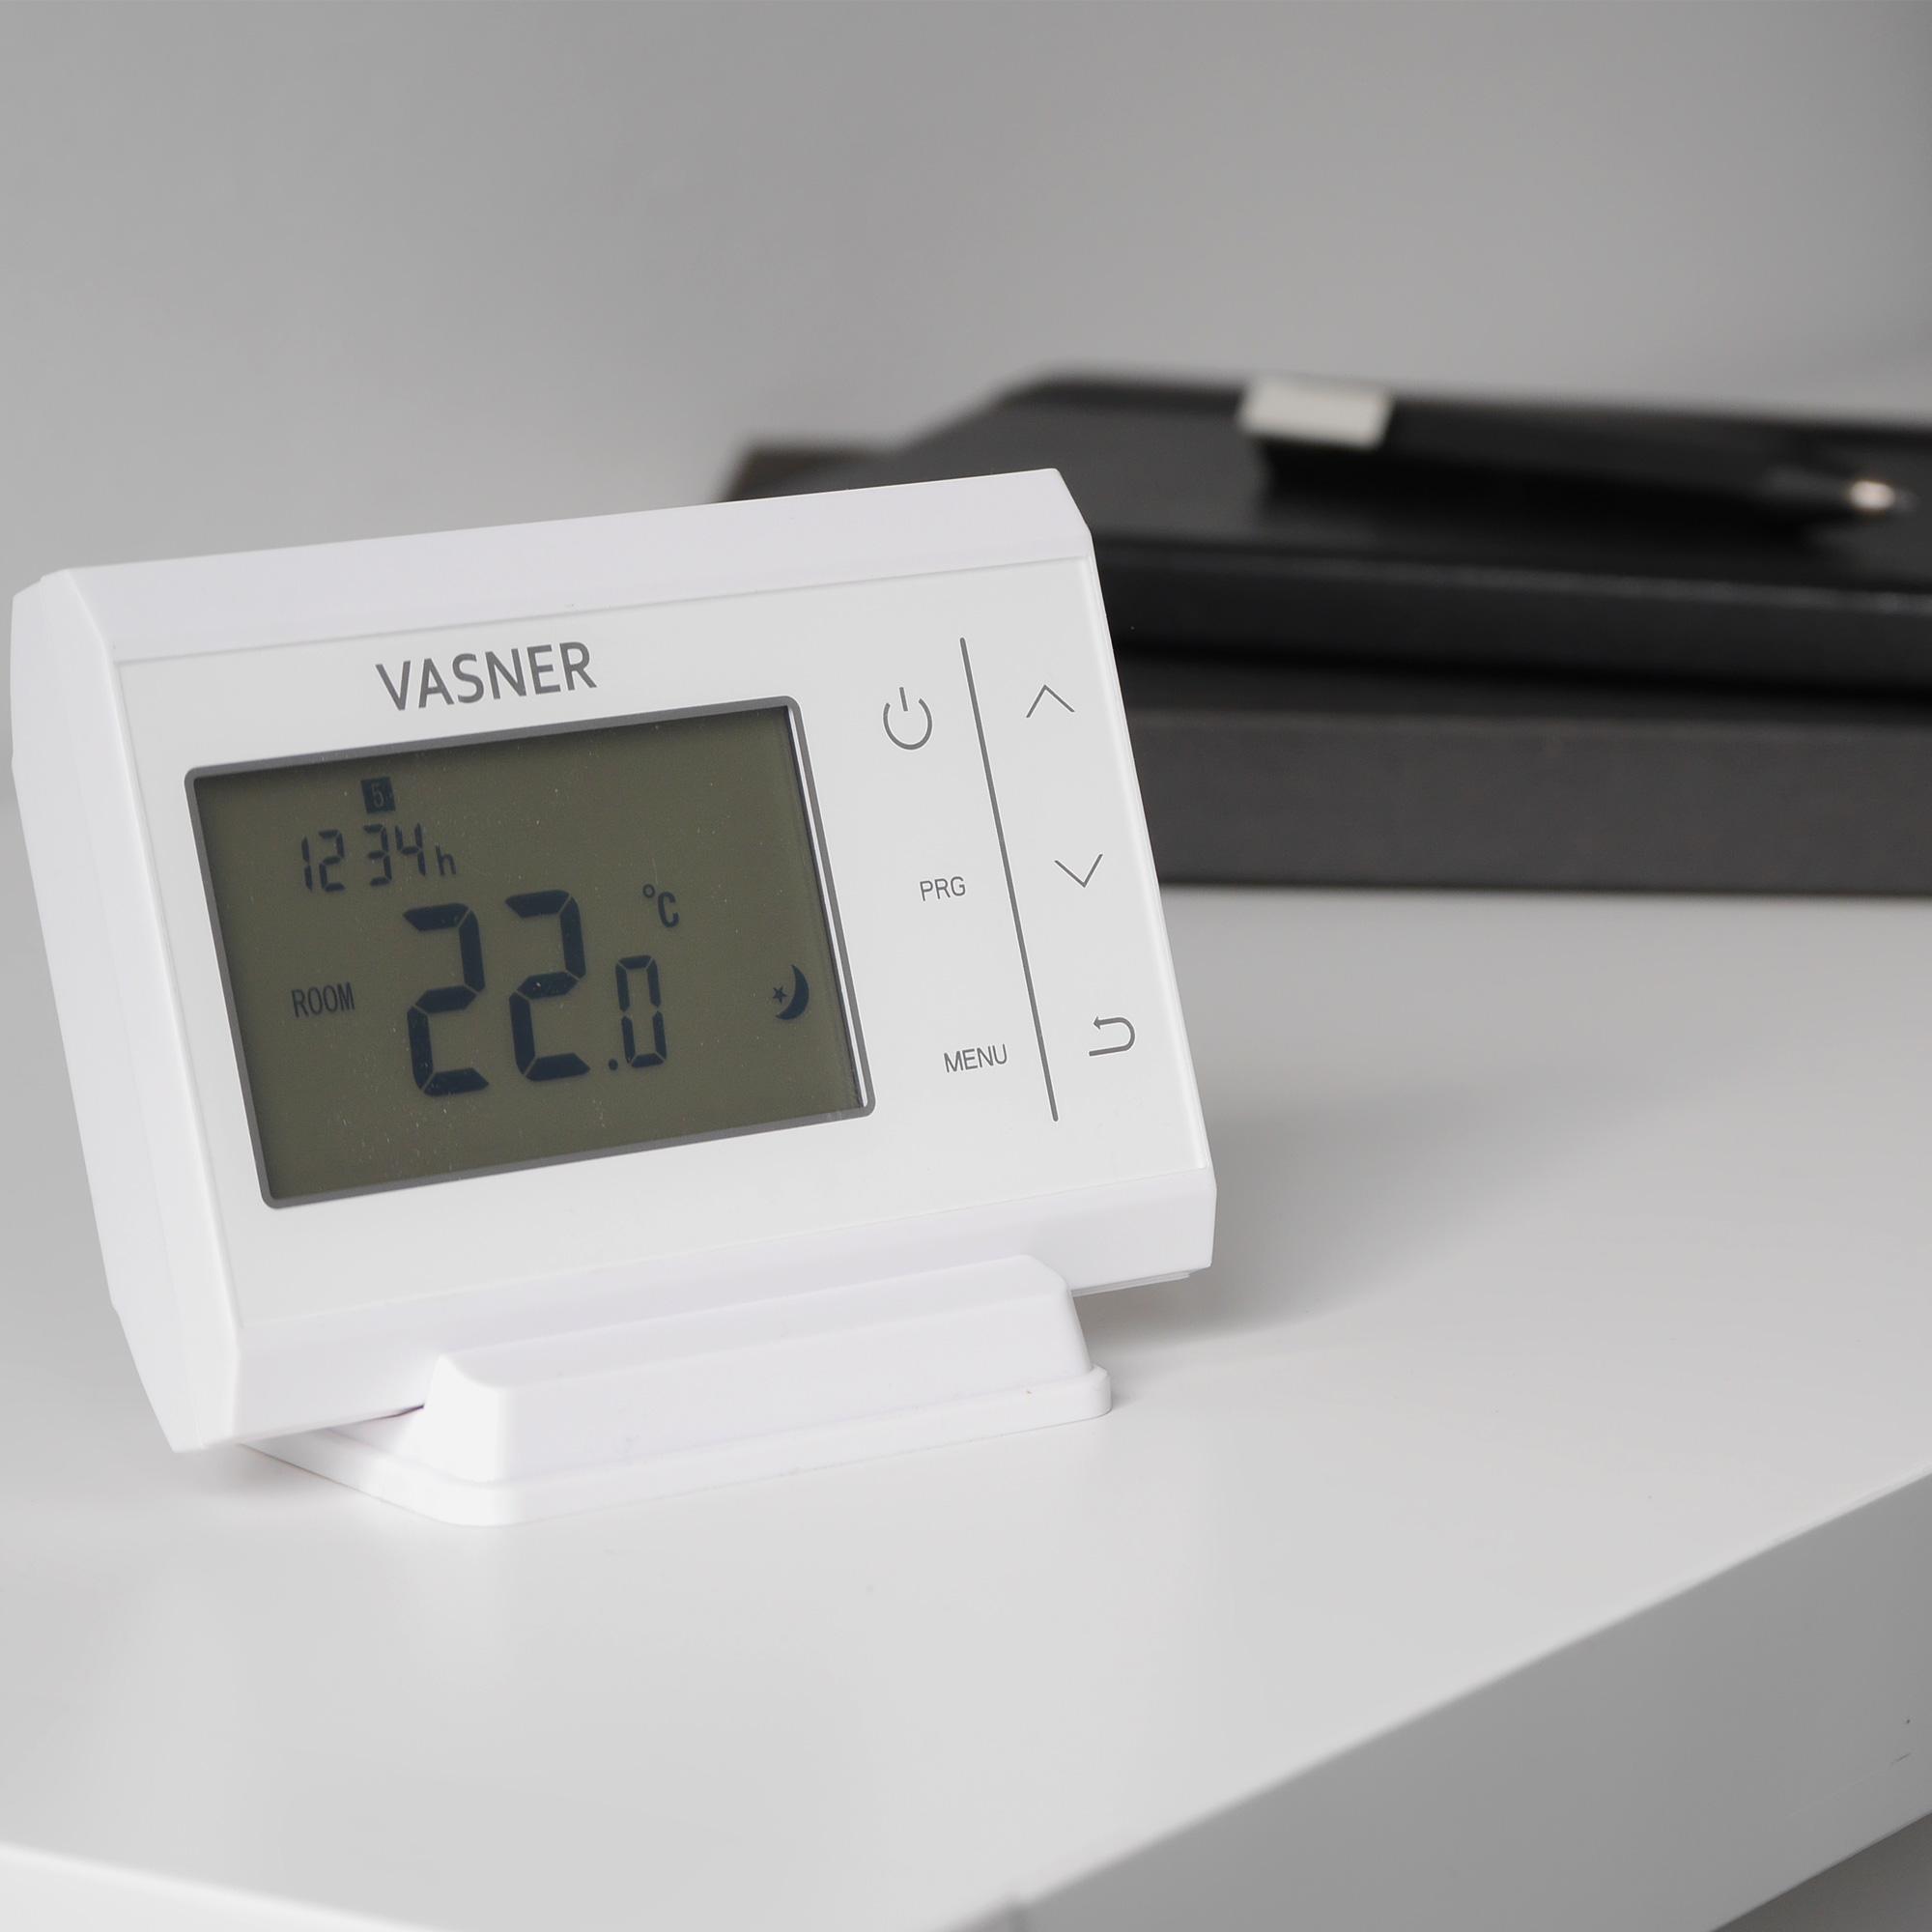 VASNER-infrarotheizung-tafel-kaufen-thermostat